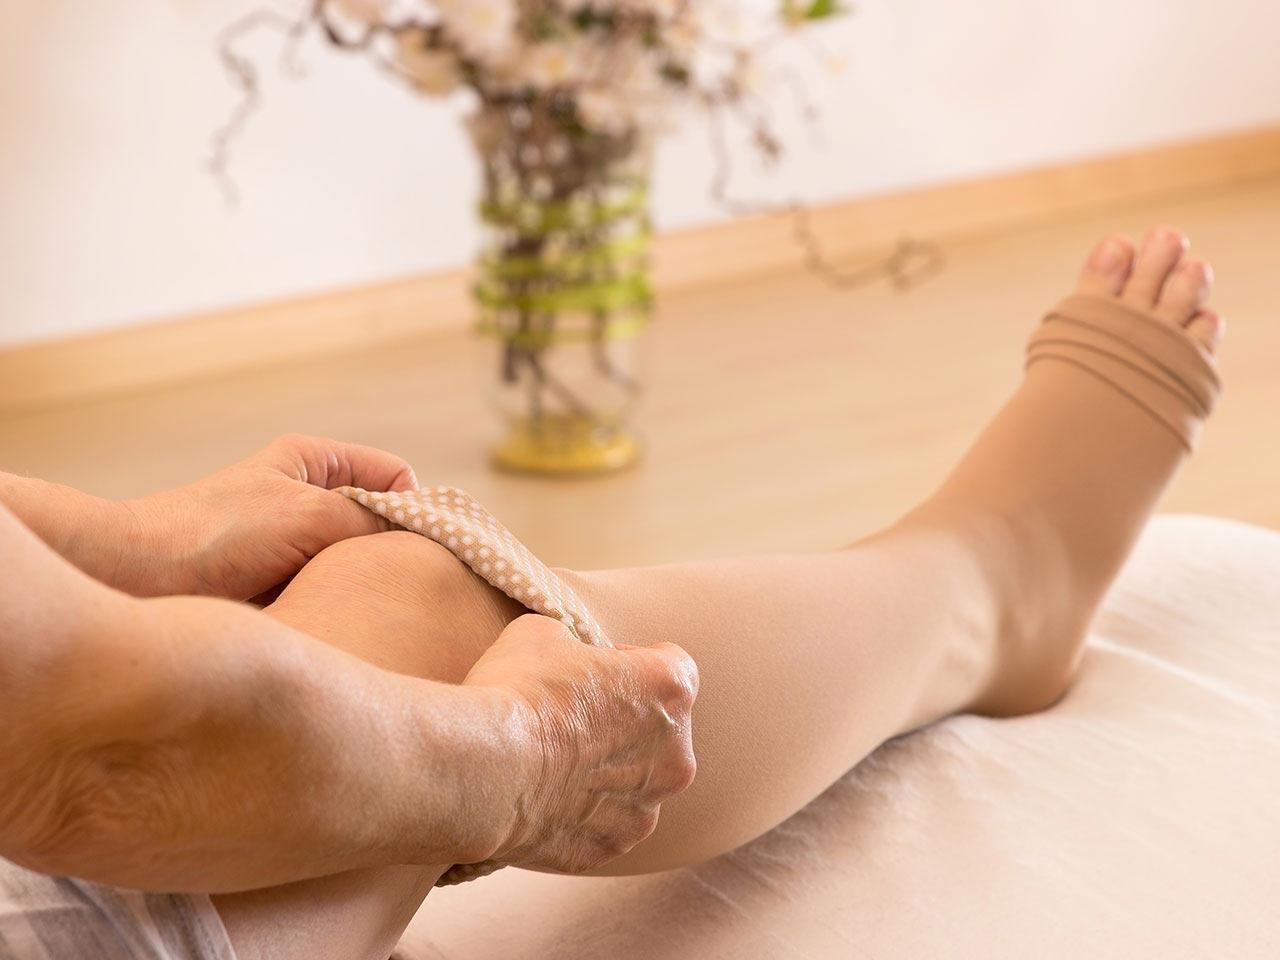 Причины возникновения варикоза на ногах